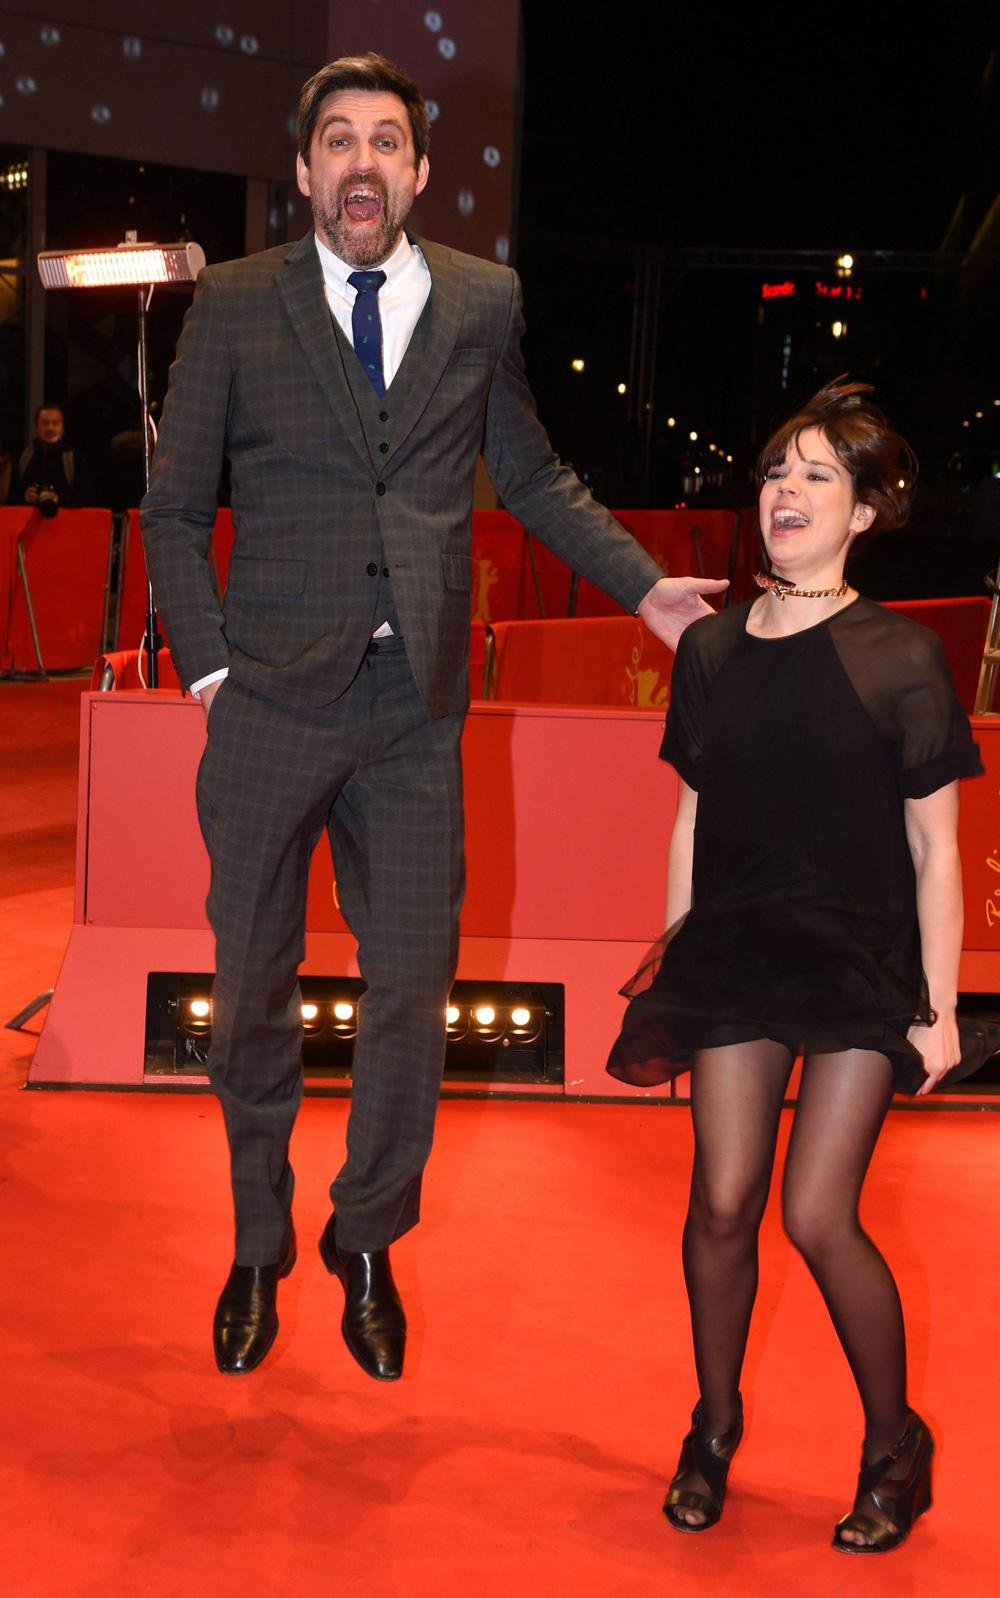 In foto Laia Costa (33 anni) Dall'articolo: Berlinale 2015, l'arrivo di Natalie Portman e l'assenza di Léa Seydoux.